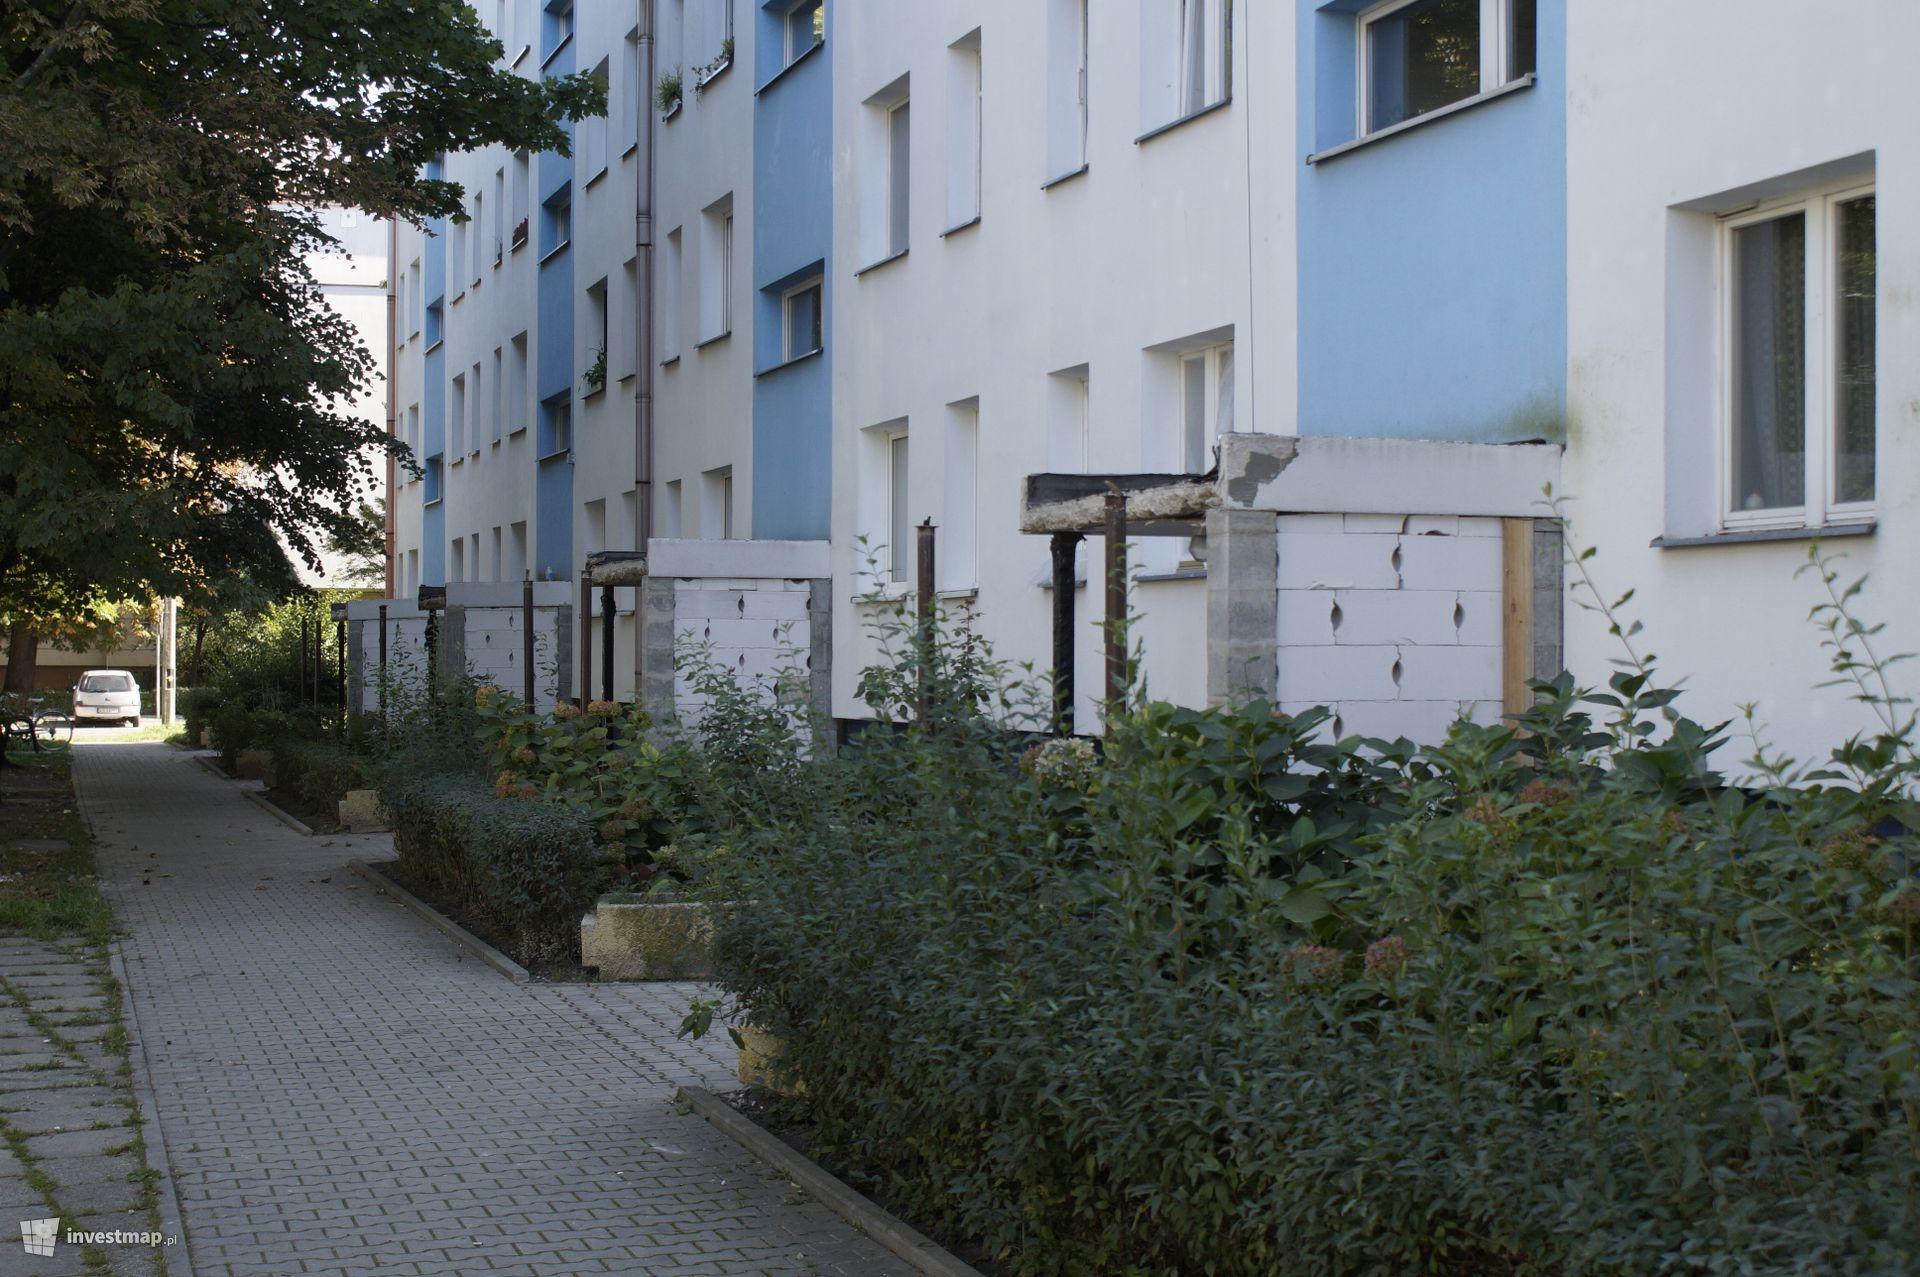 Budynek Mieszkalny, ul. Słomiana 2